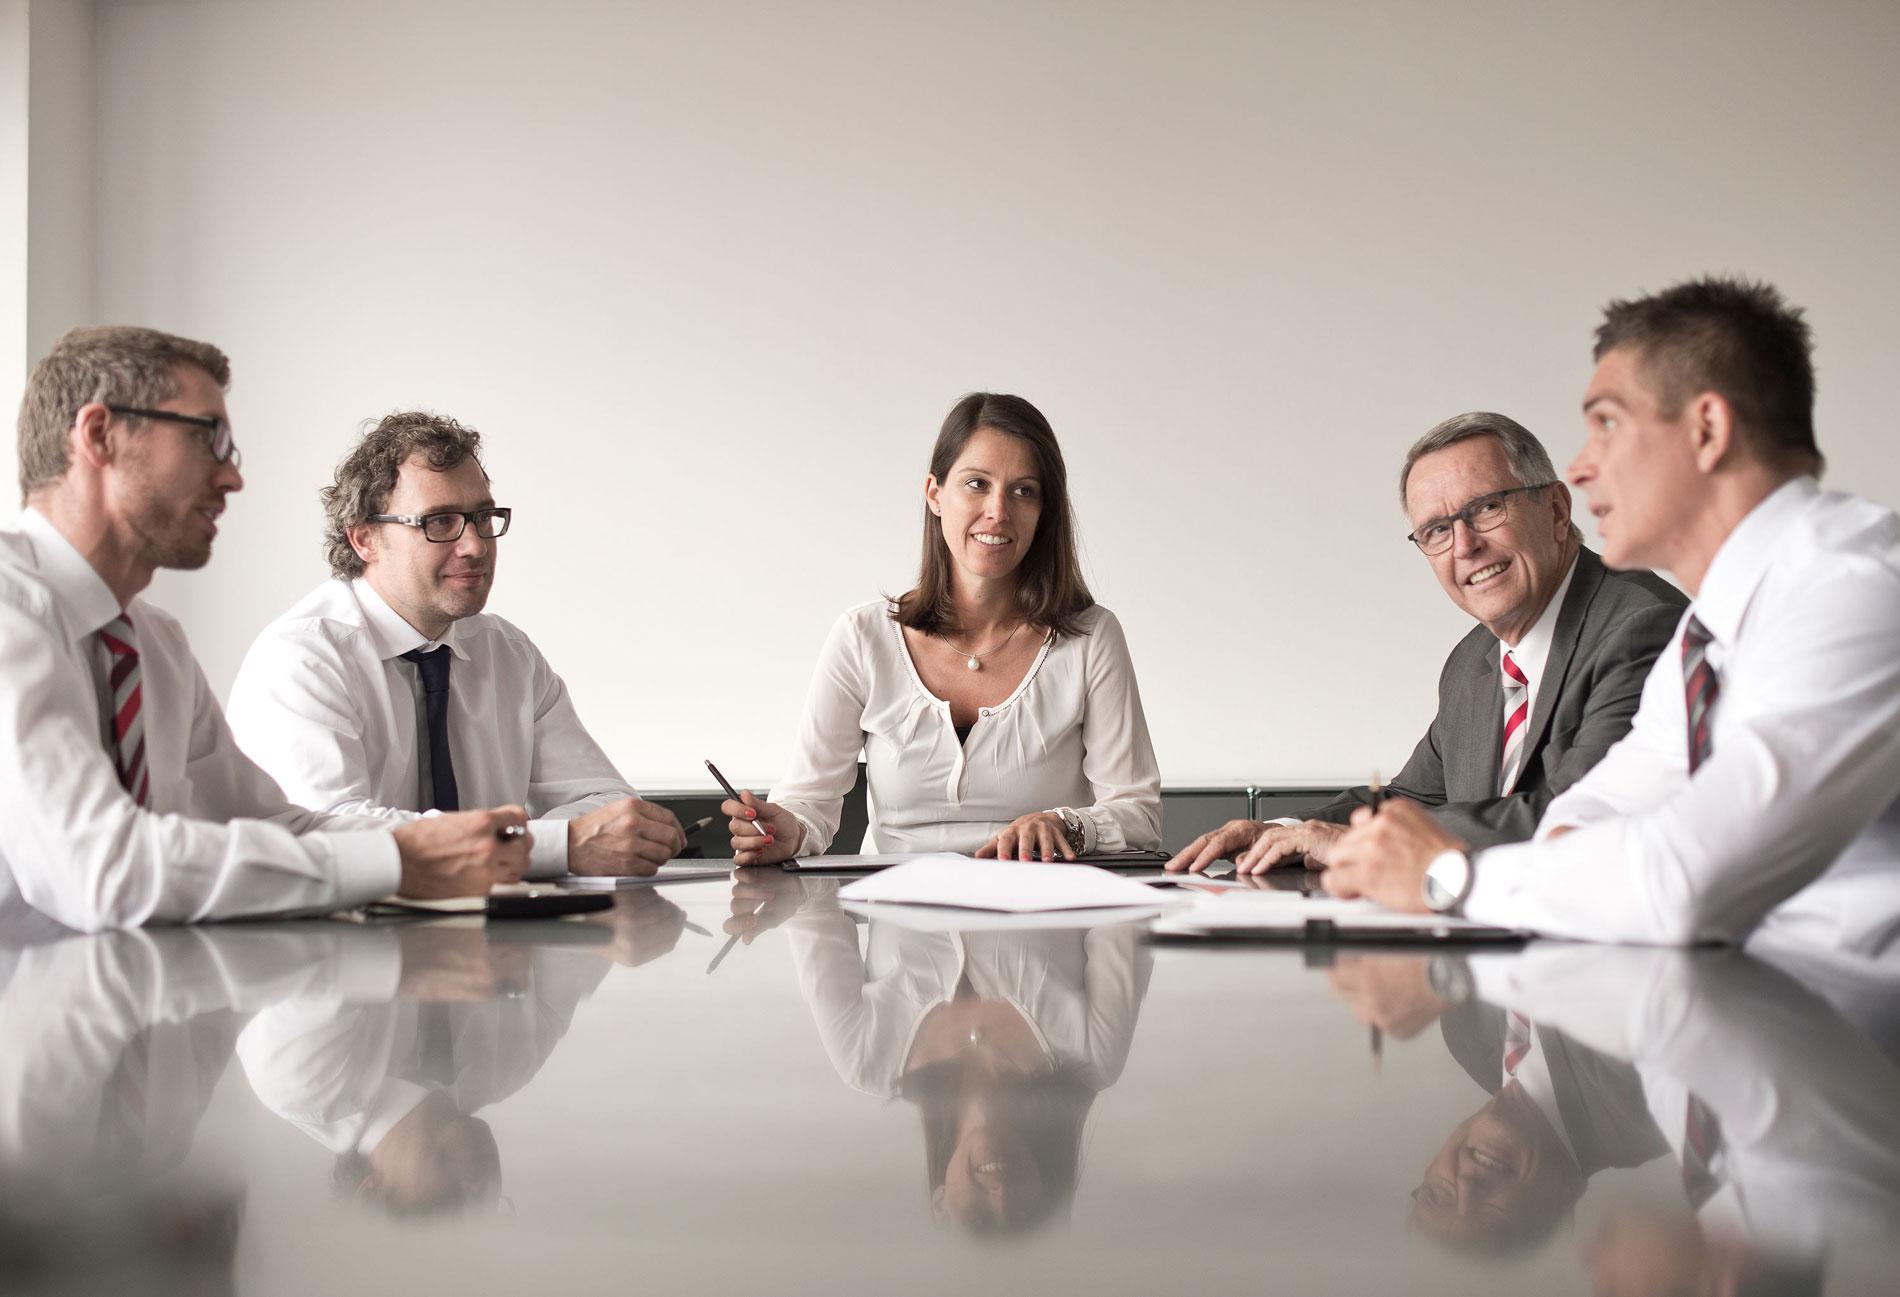 Unternehmensdarstellung Generationen meeting Leitung Führung Geschäftsführung Industrie